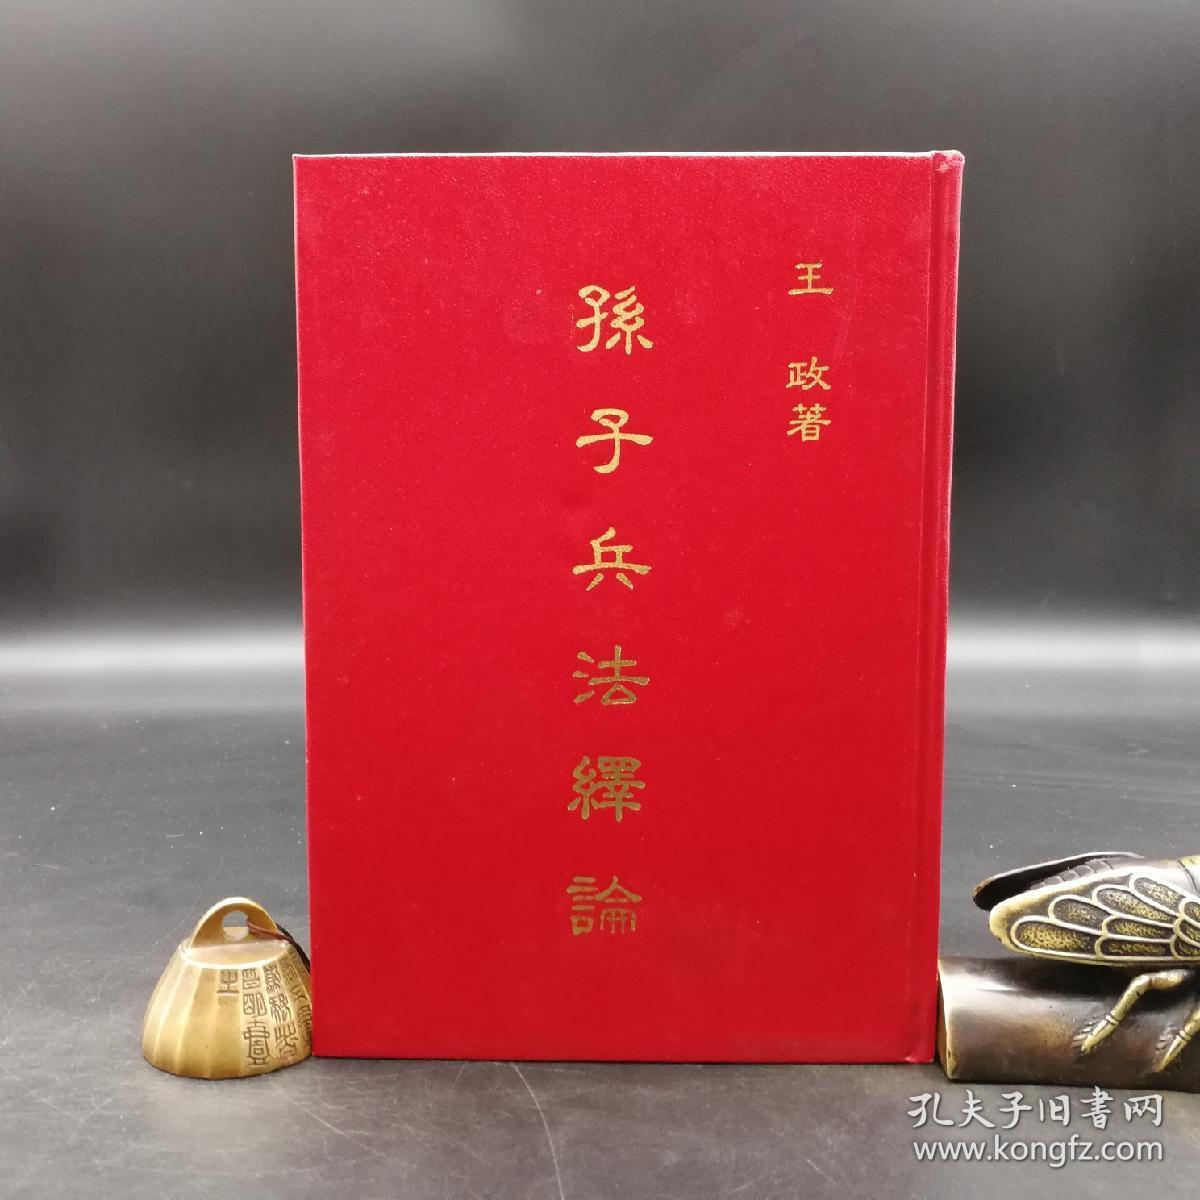 绝版特惠·台湾明文书局版 王政《孫子兵法釋論》(精装)